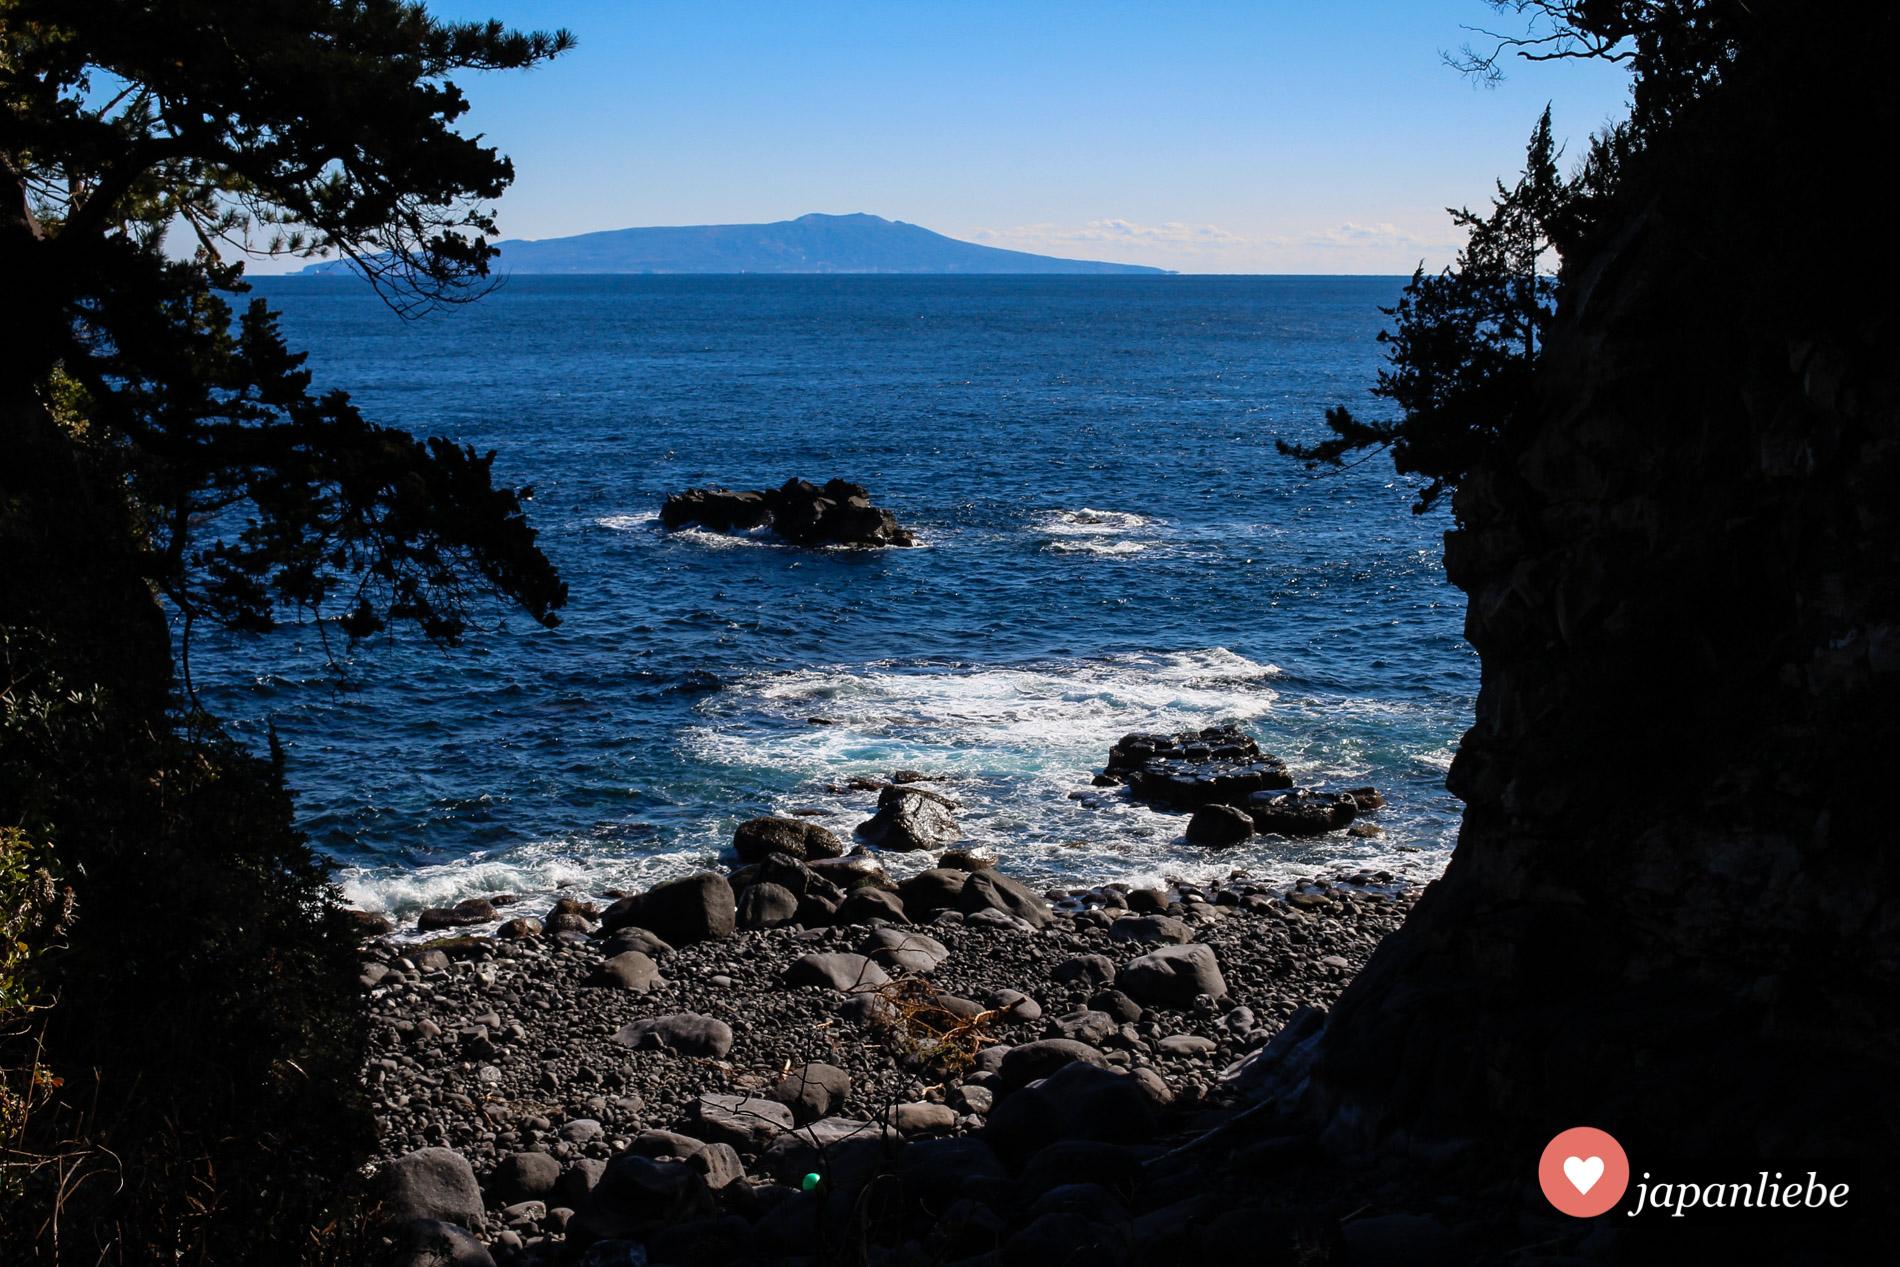 Bei klarem Wetter sieht man am Horizont die Insel Ōshima.